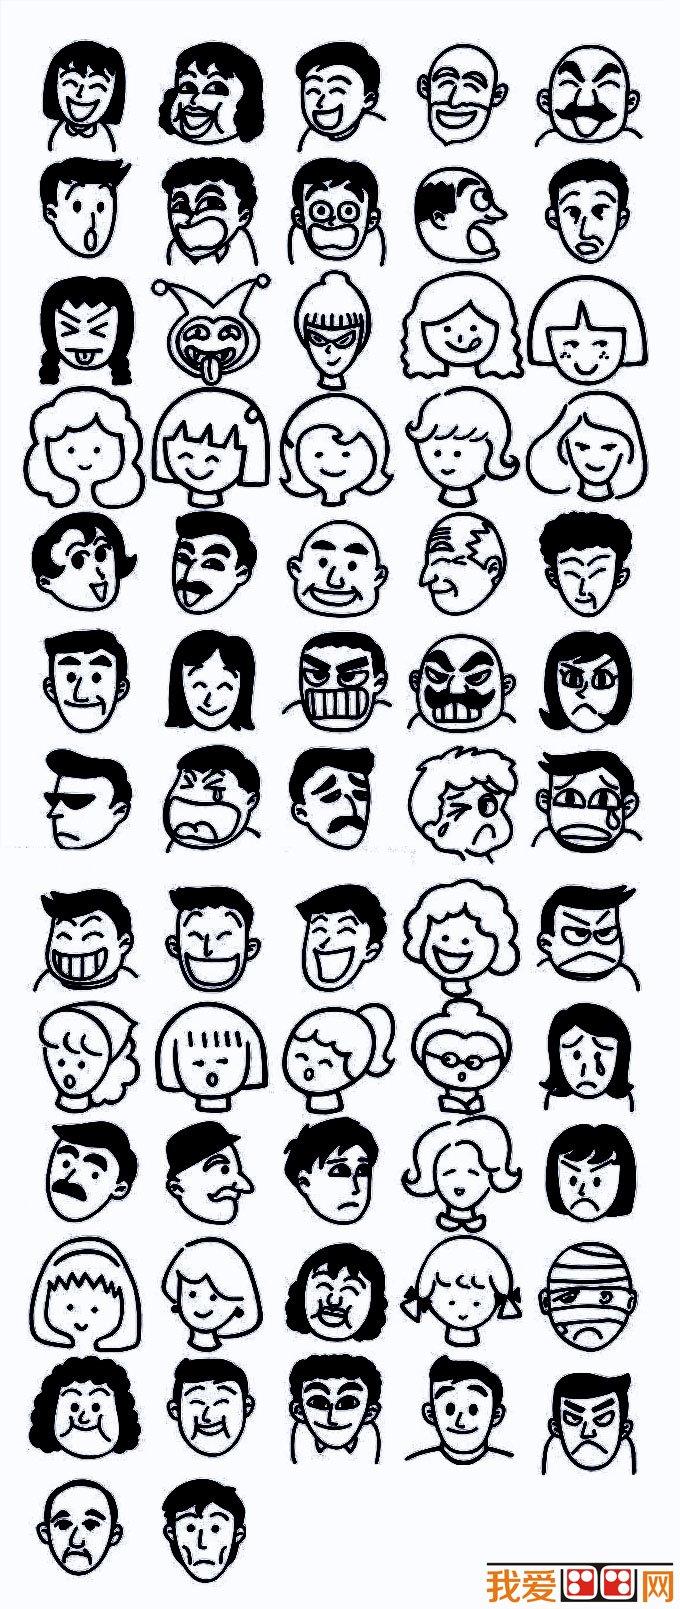 本文的人物表情简笔画大全共集合了62个人物的不同表情。这些人物表情简笔画包括男人的人物表情简笔画,女人的人物表情简笔画,老爷爷表情简笔画,老奶奶表情简笔画,小男孩的简笔画表情,小女孩的表情简笔画,叔叔的简笔画表情,阿姨的简笔画表情等。